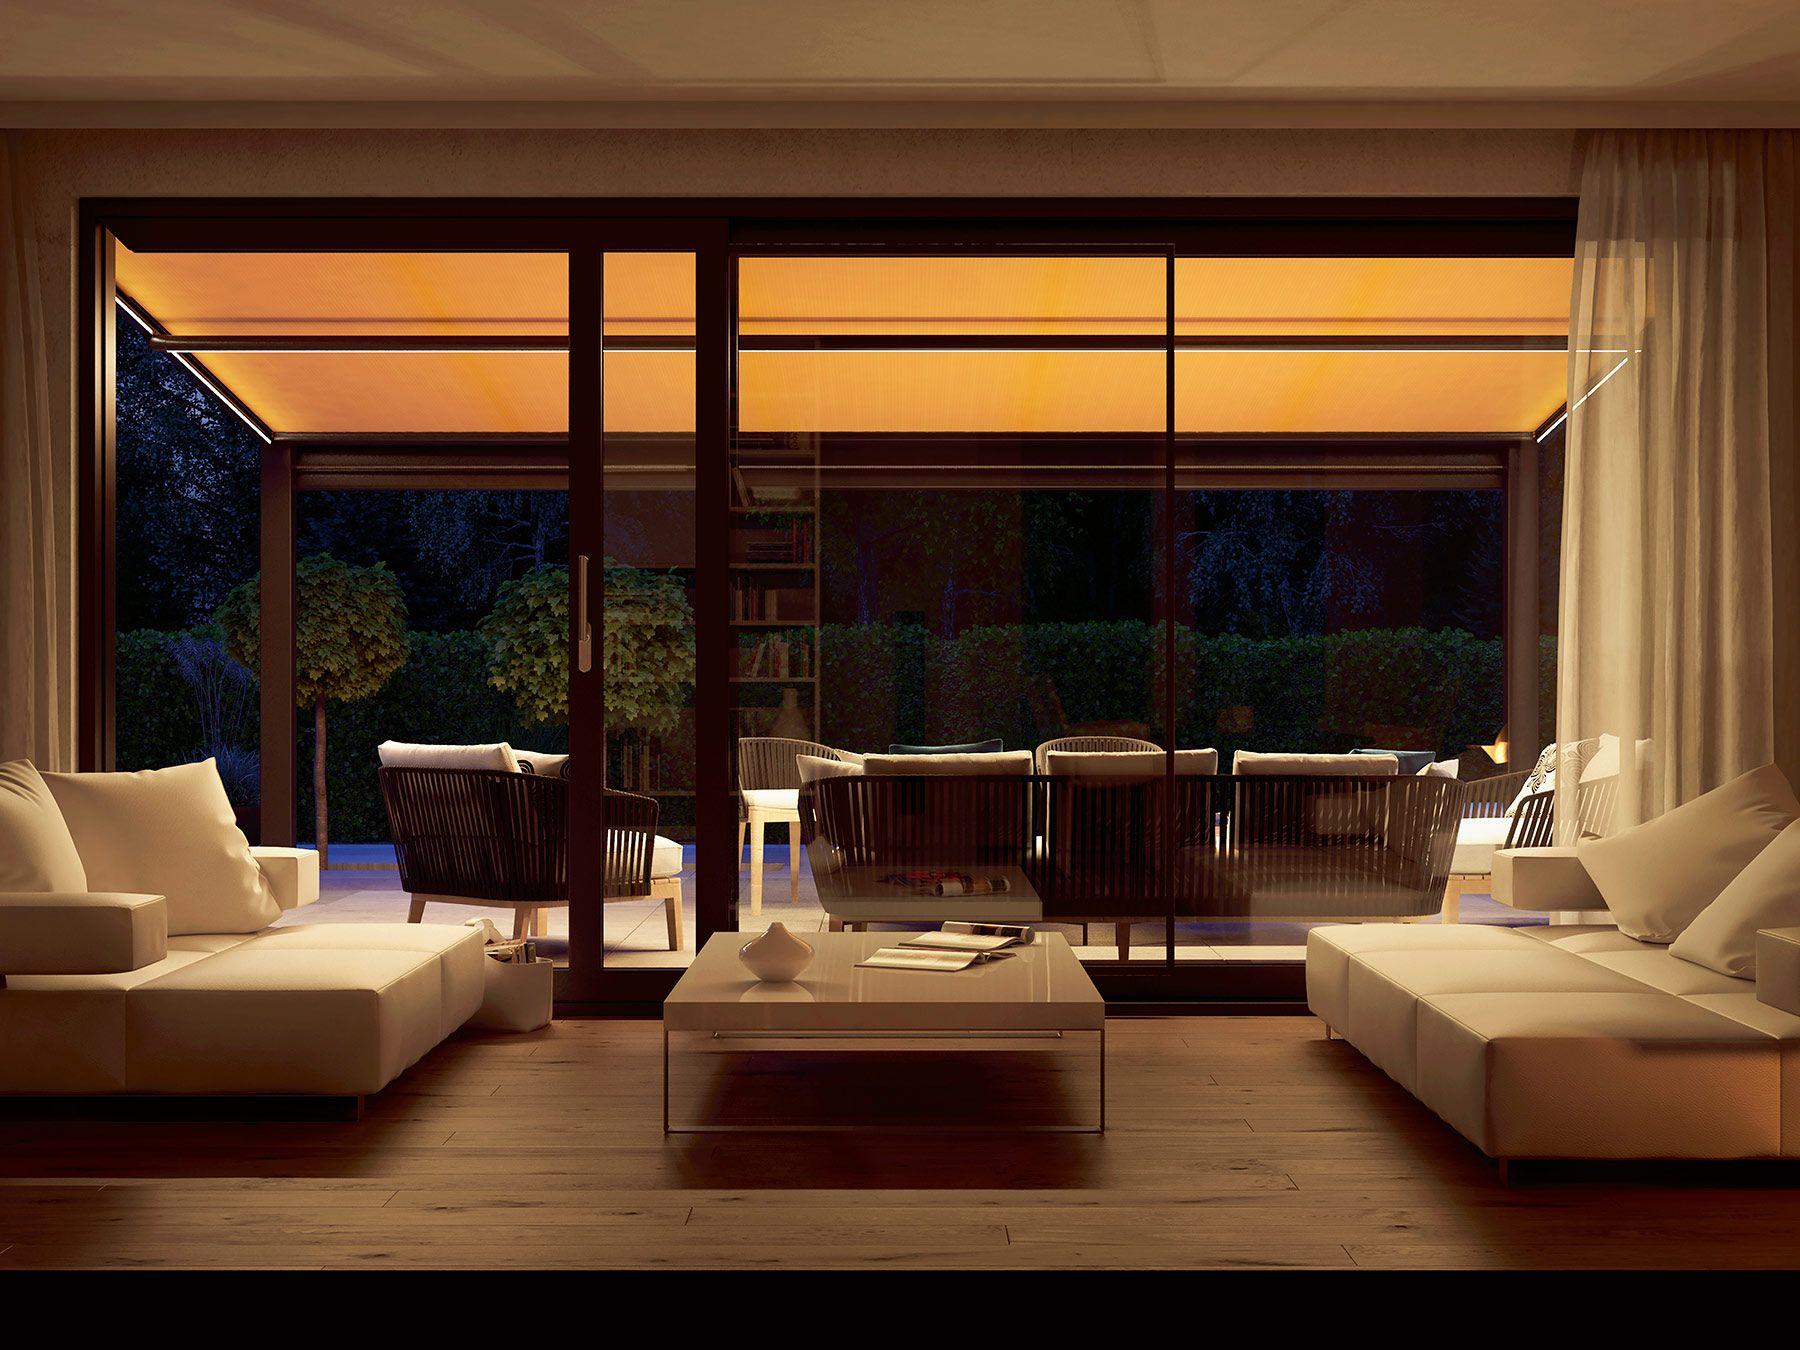 unser kleines planetarium abends schauen wir von der terrasse in die sterne und dank - Fantastisch Modernes Wohnzimmer Am Abend